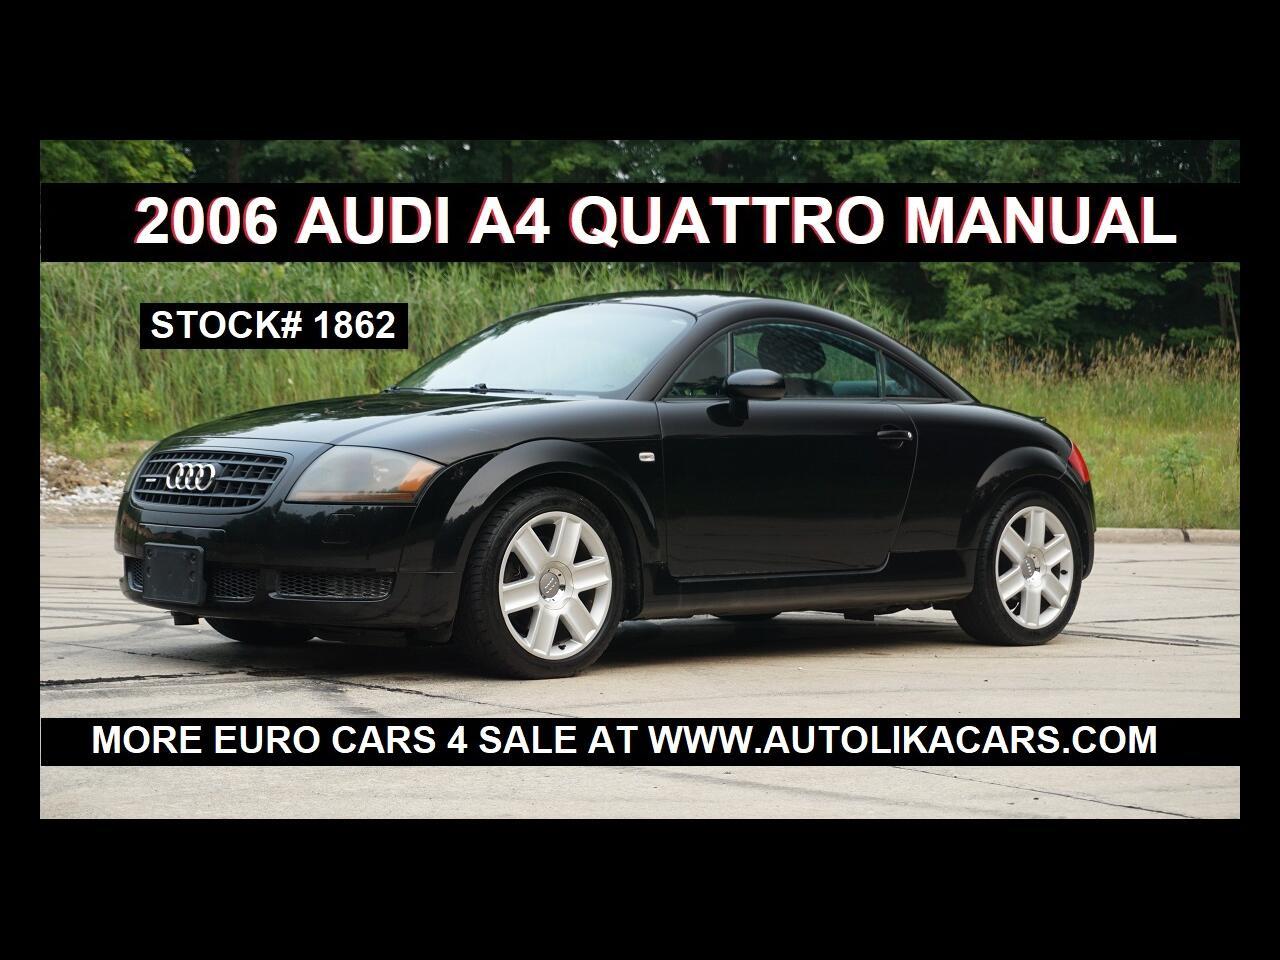 Audi TT 2dr Cpe quattro Manual 2006